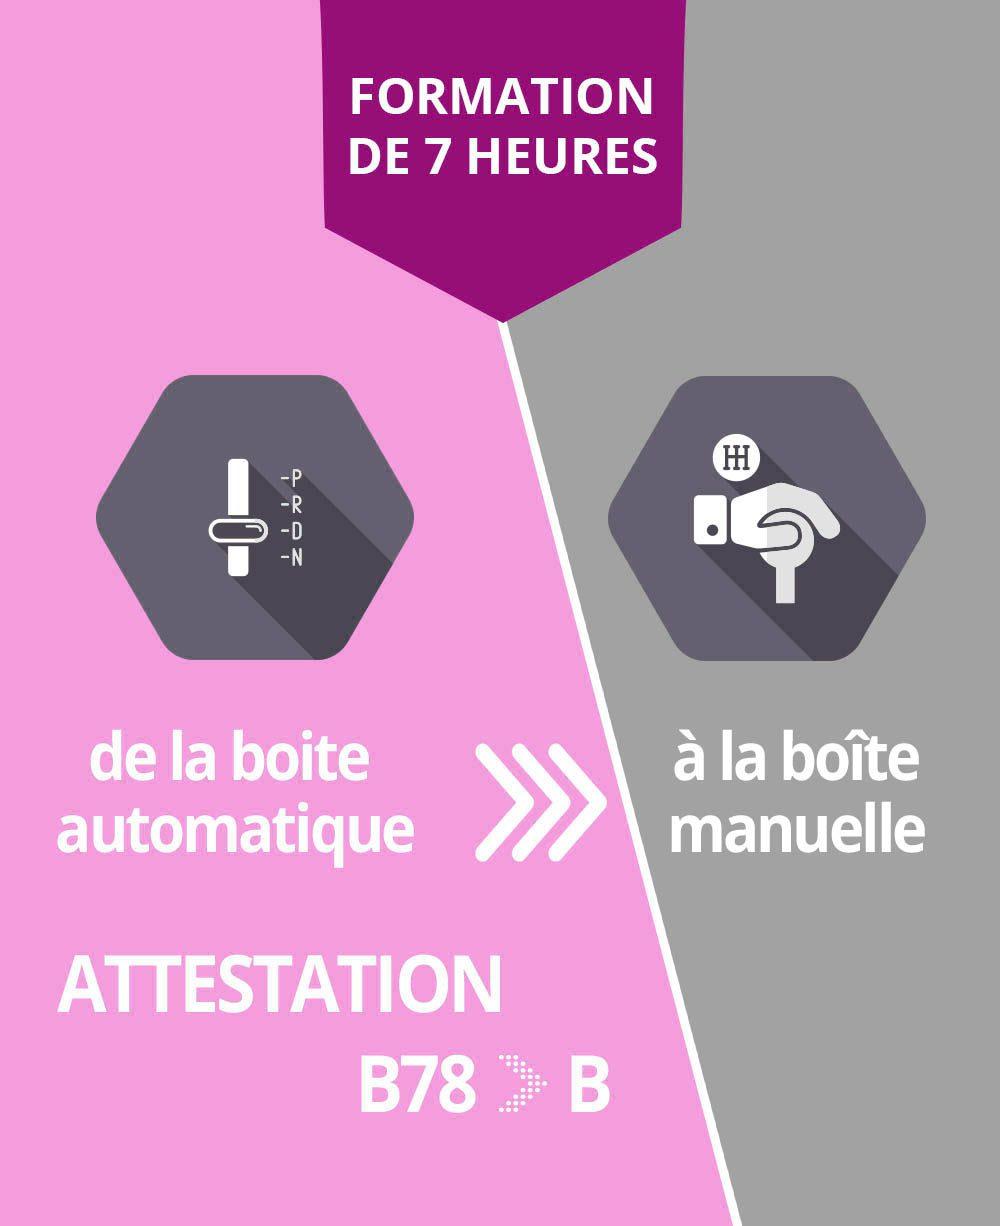 attestation-b78-b